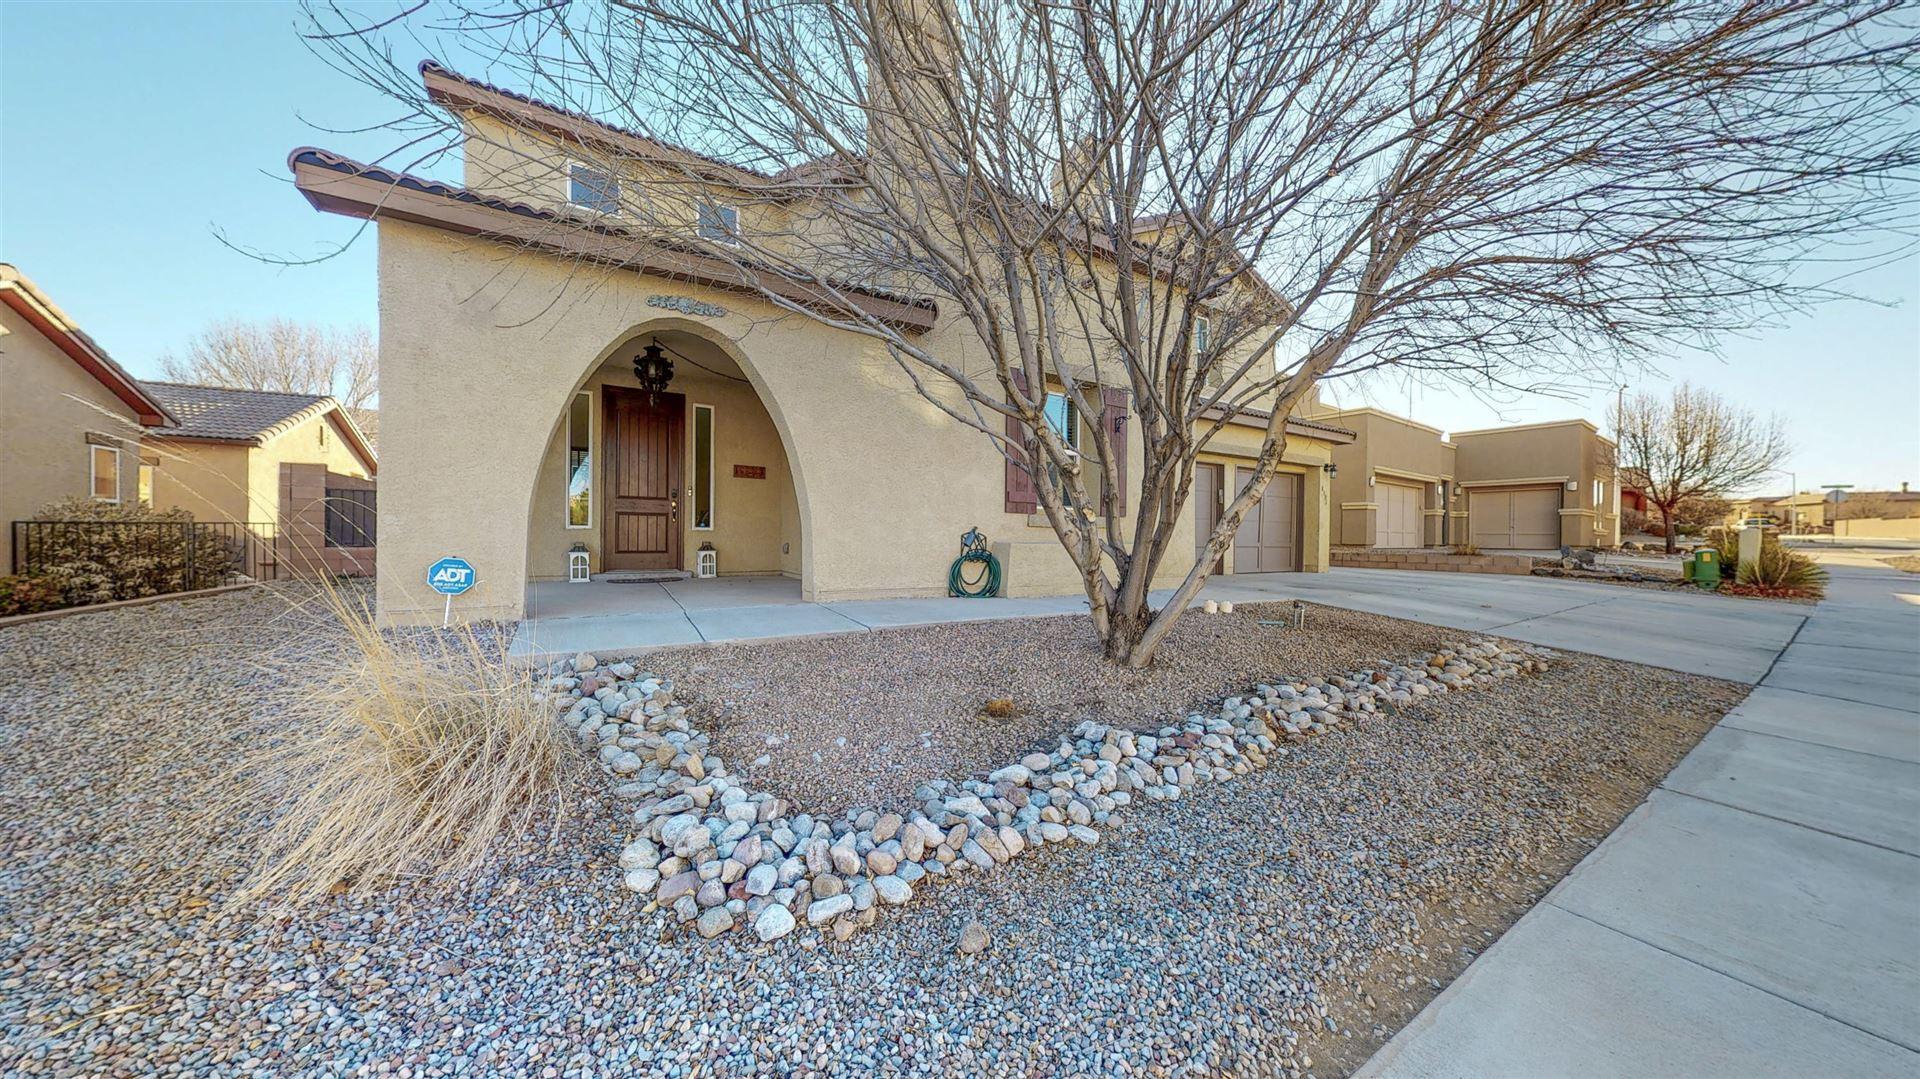 8332 HAWK EYE Road NW, Albuquerque, NM 87120 - #: 987501